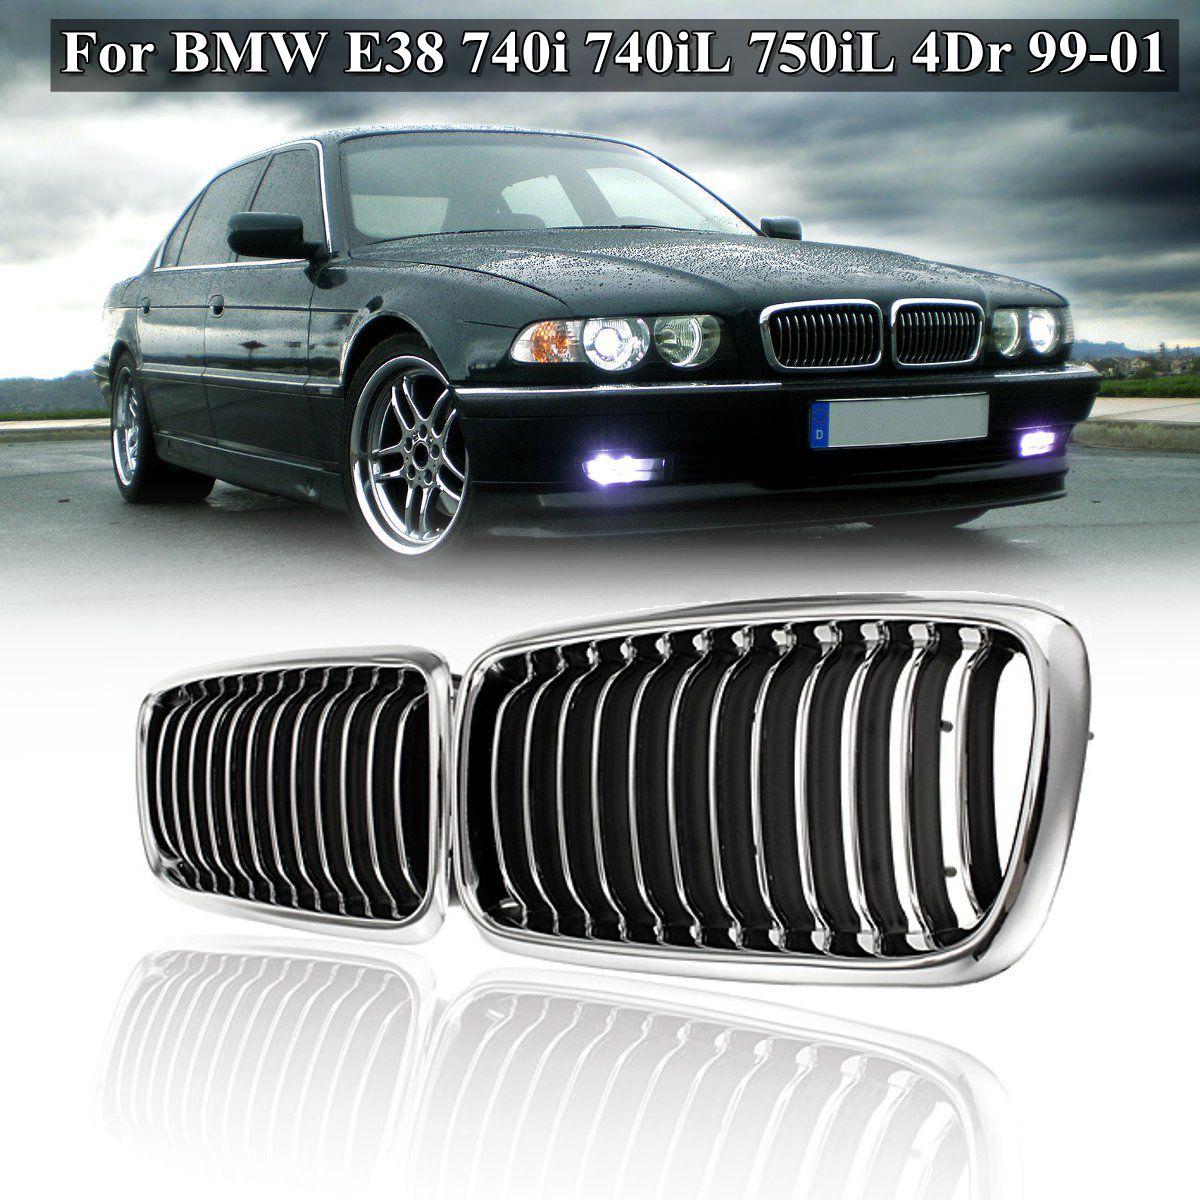 For 740iL 95-01 Center Bumper Trim Rear Black